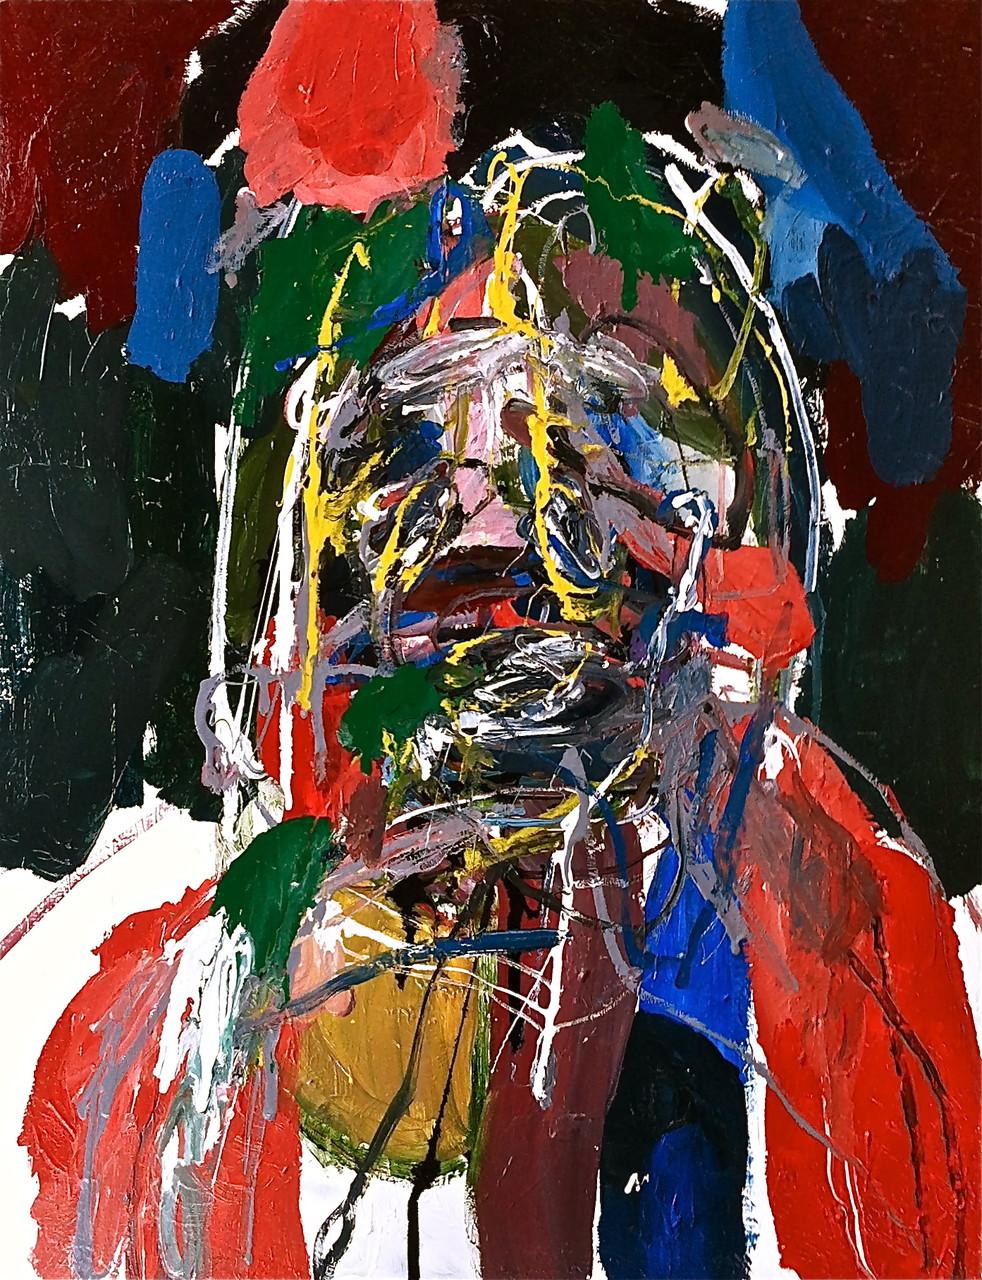 No title, tecnica mista su tela cm 66x88, 2014